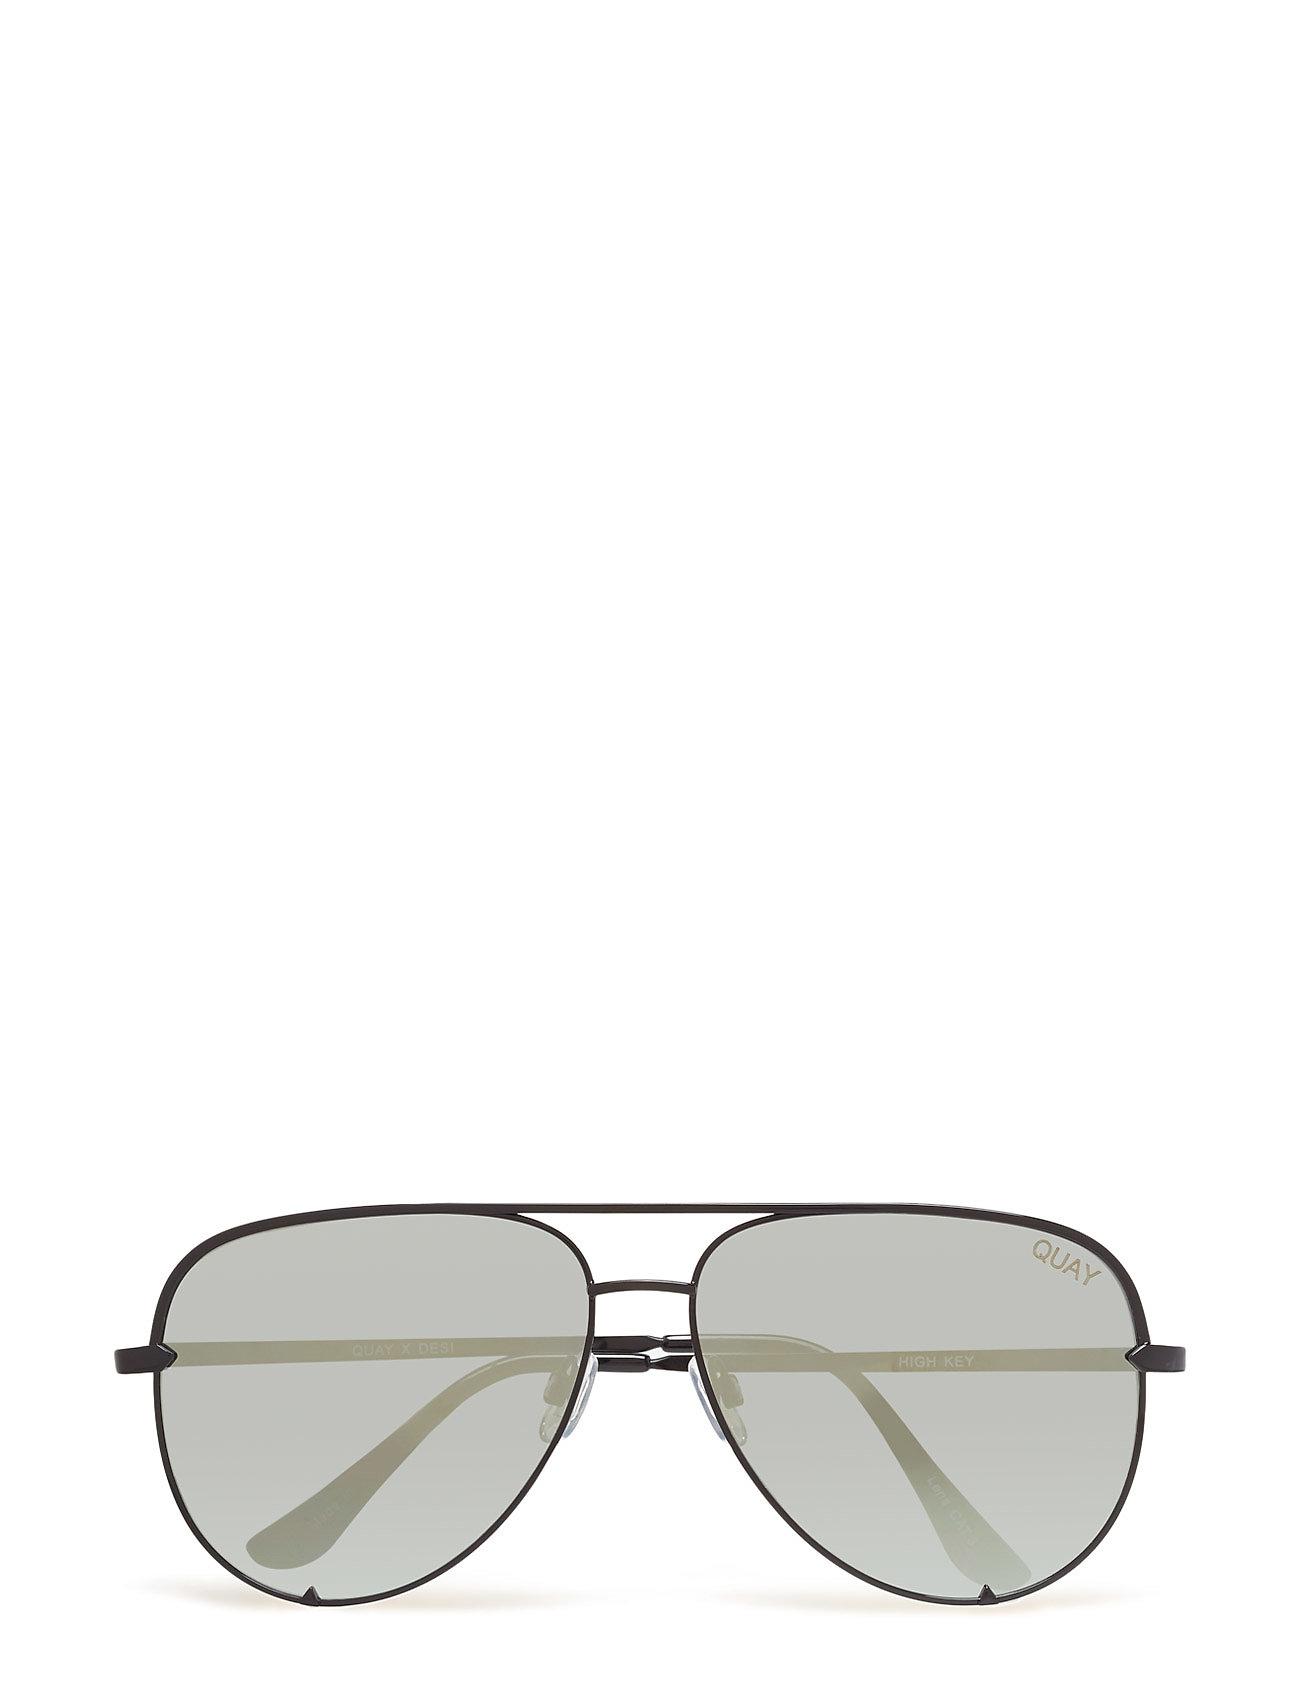 Solglasögon, sida 4